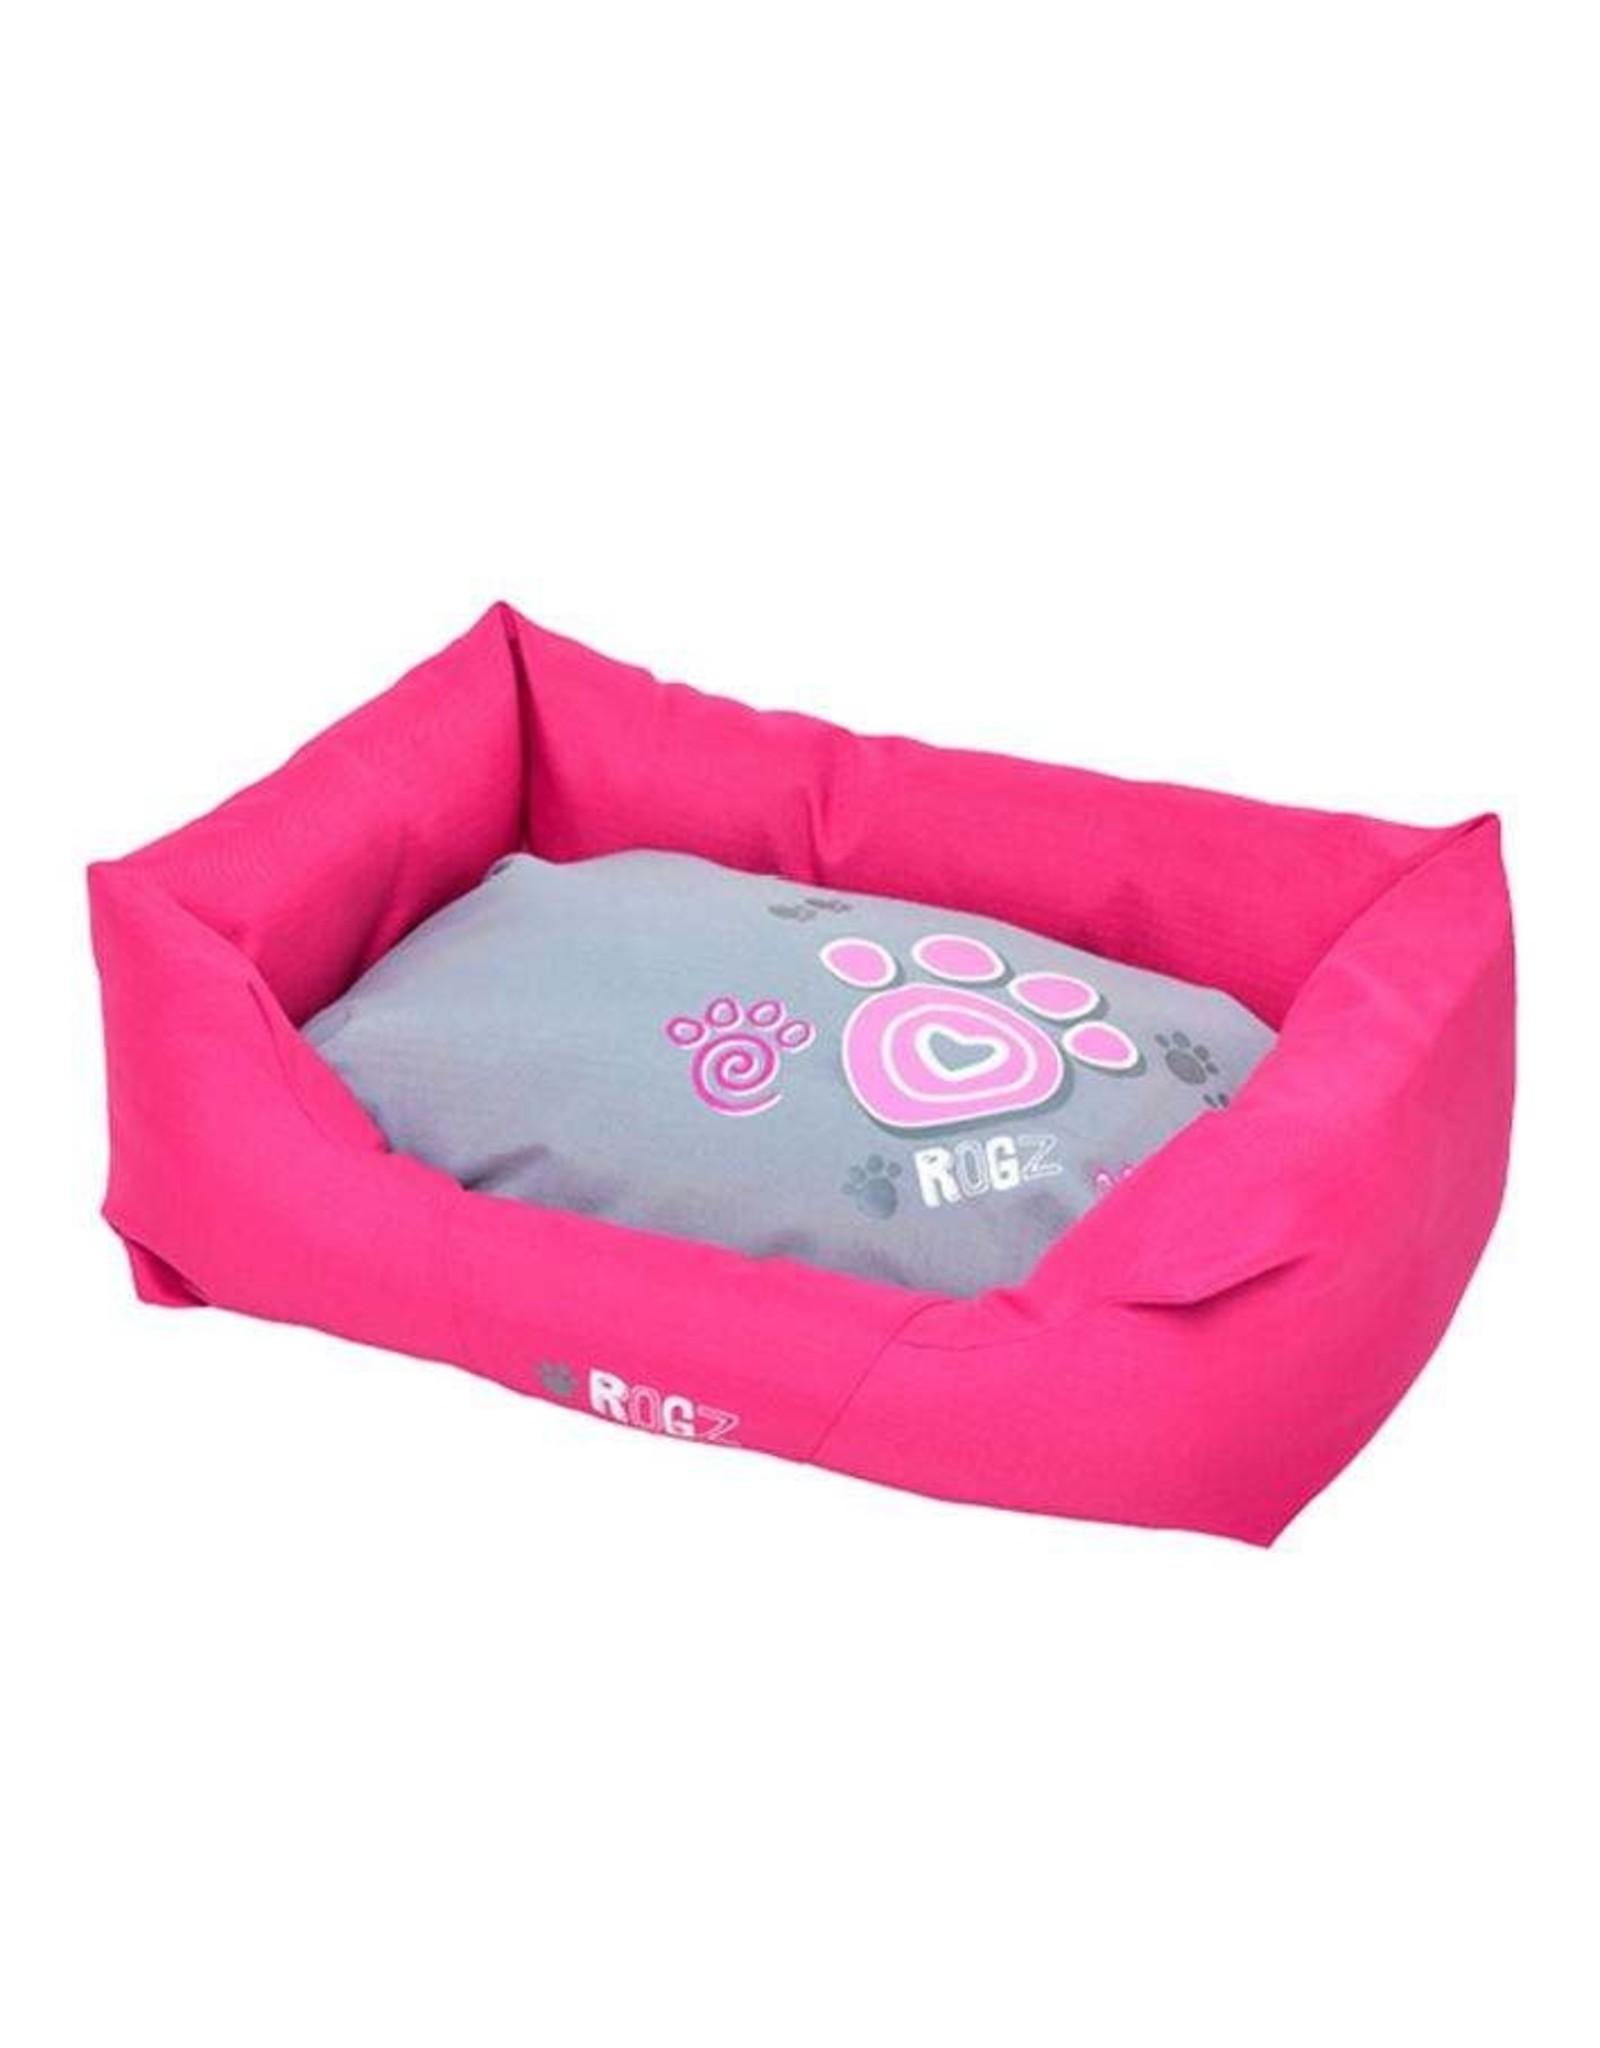 """Rogz Wall Podz - Pink Paw - Small - 22"""" x 14"""" x 9"""""""